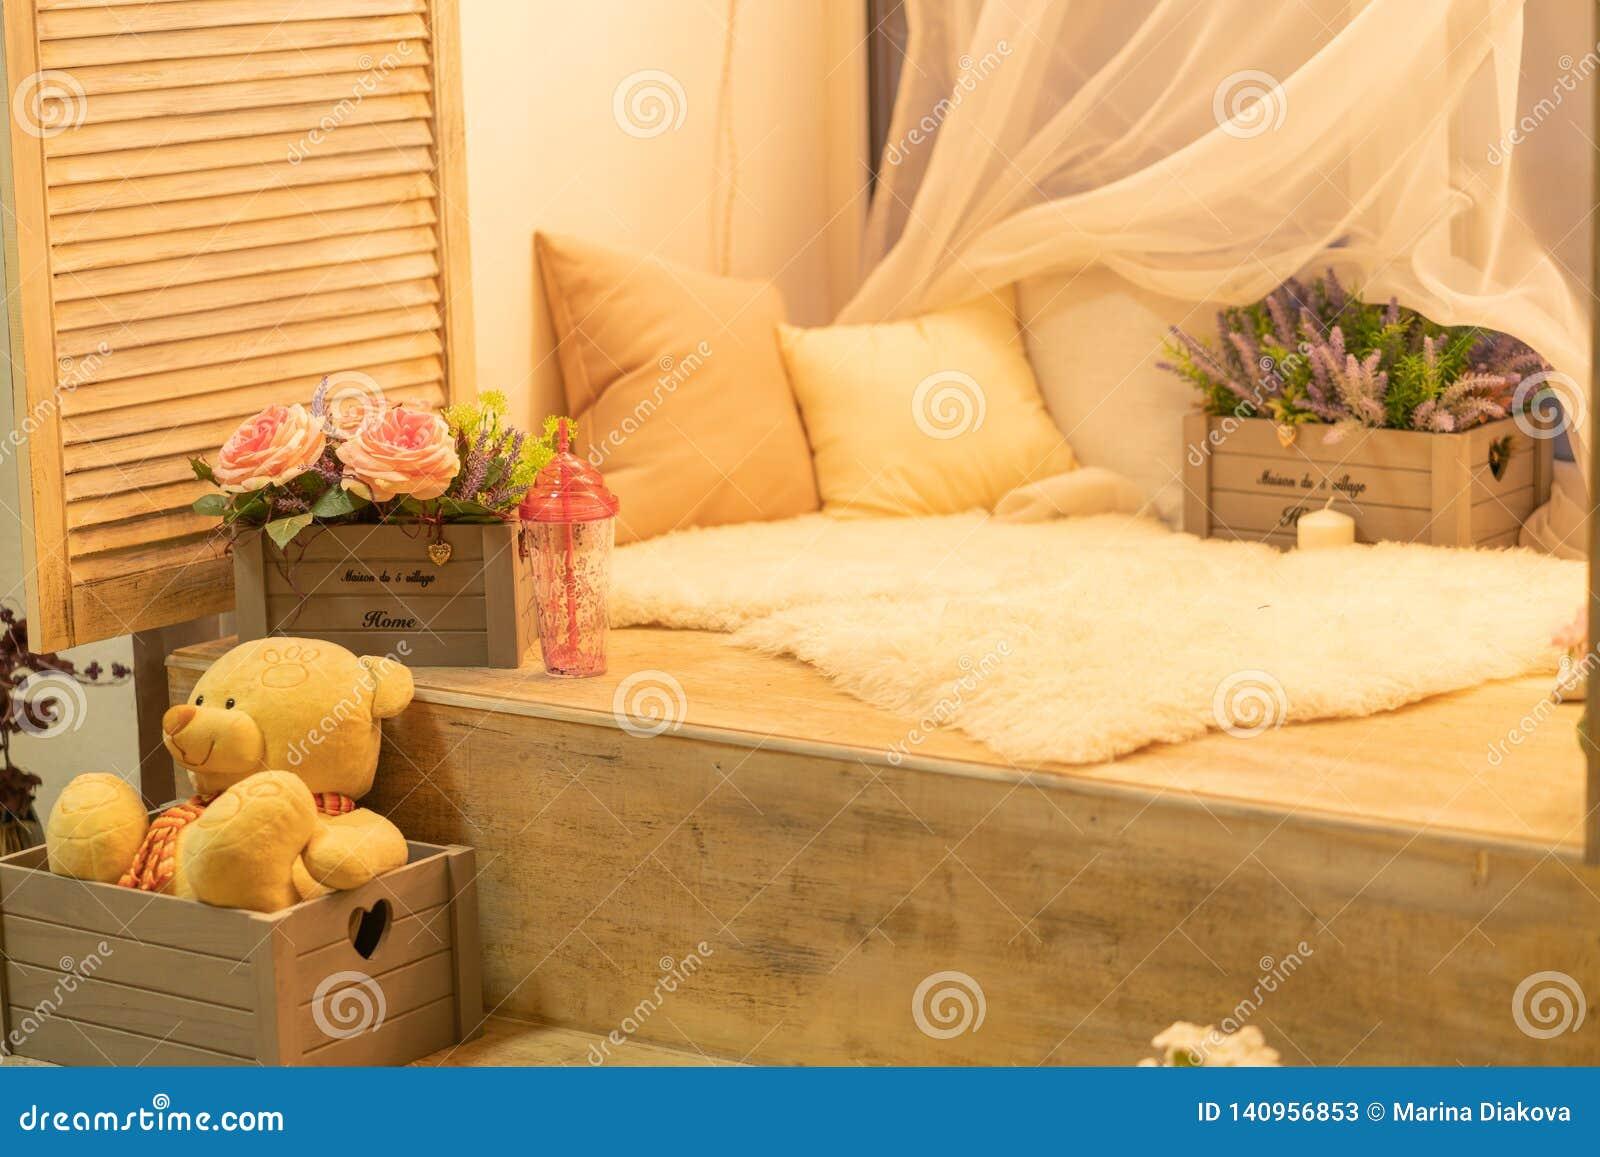 Rebord de fenêtre avec les oreillers, la fourrure blanche, l ours de nounours et les fleurs personne